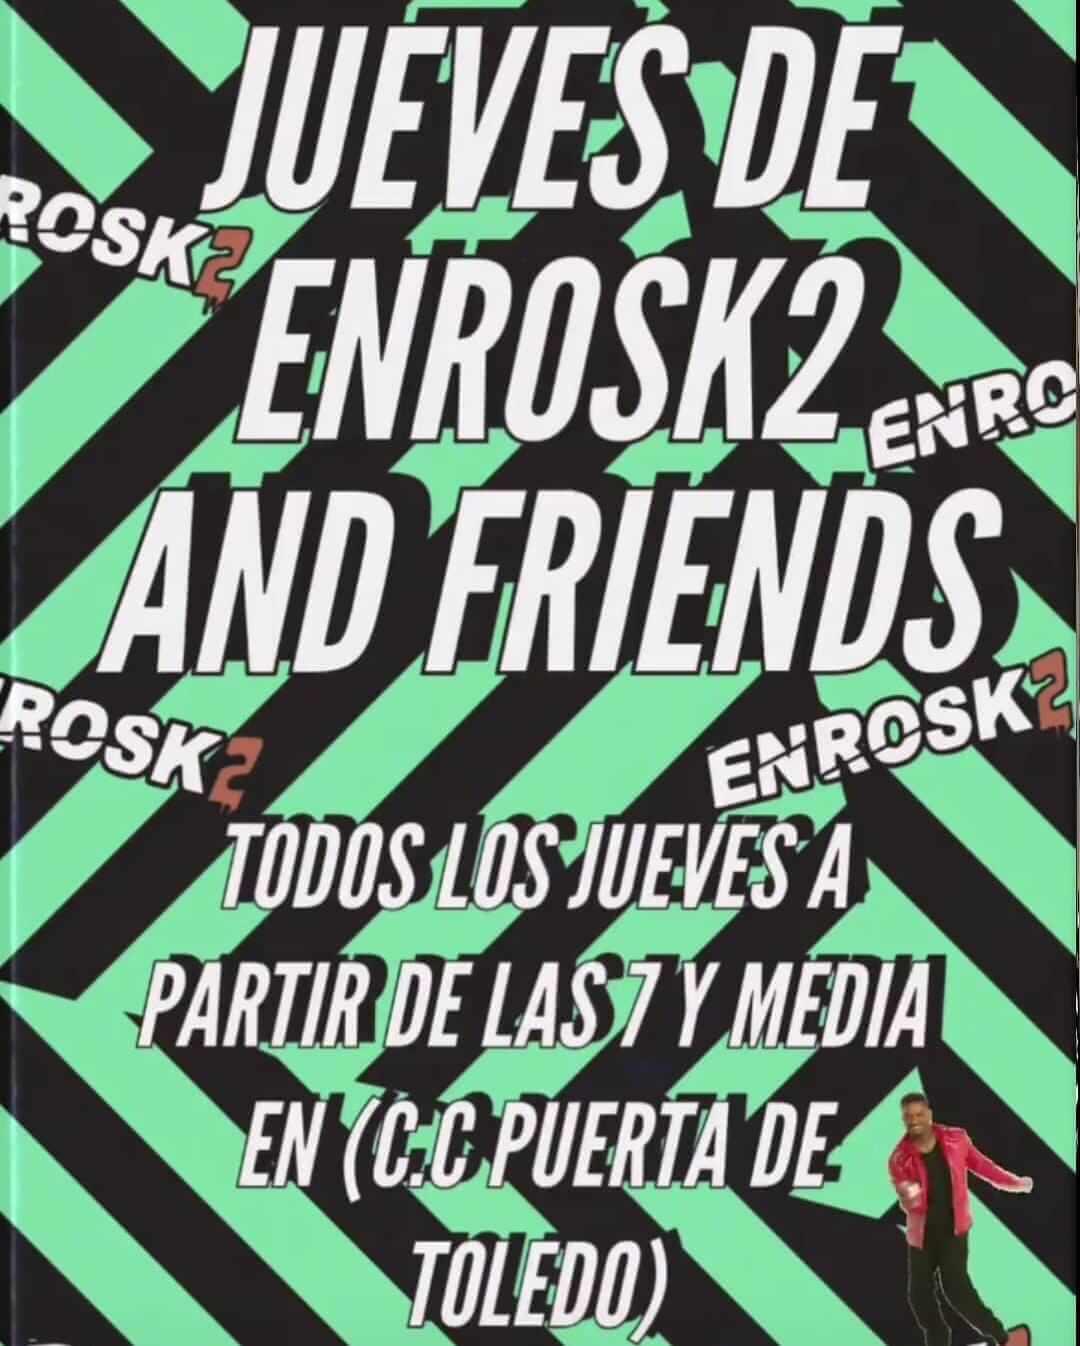 KDD Racing ENROSK2 en C.C. Puerta Toledo, Olías del Rey